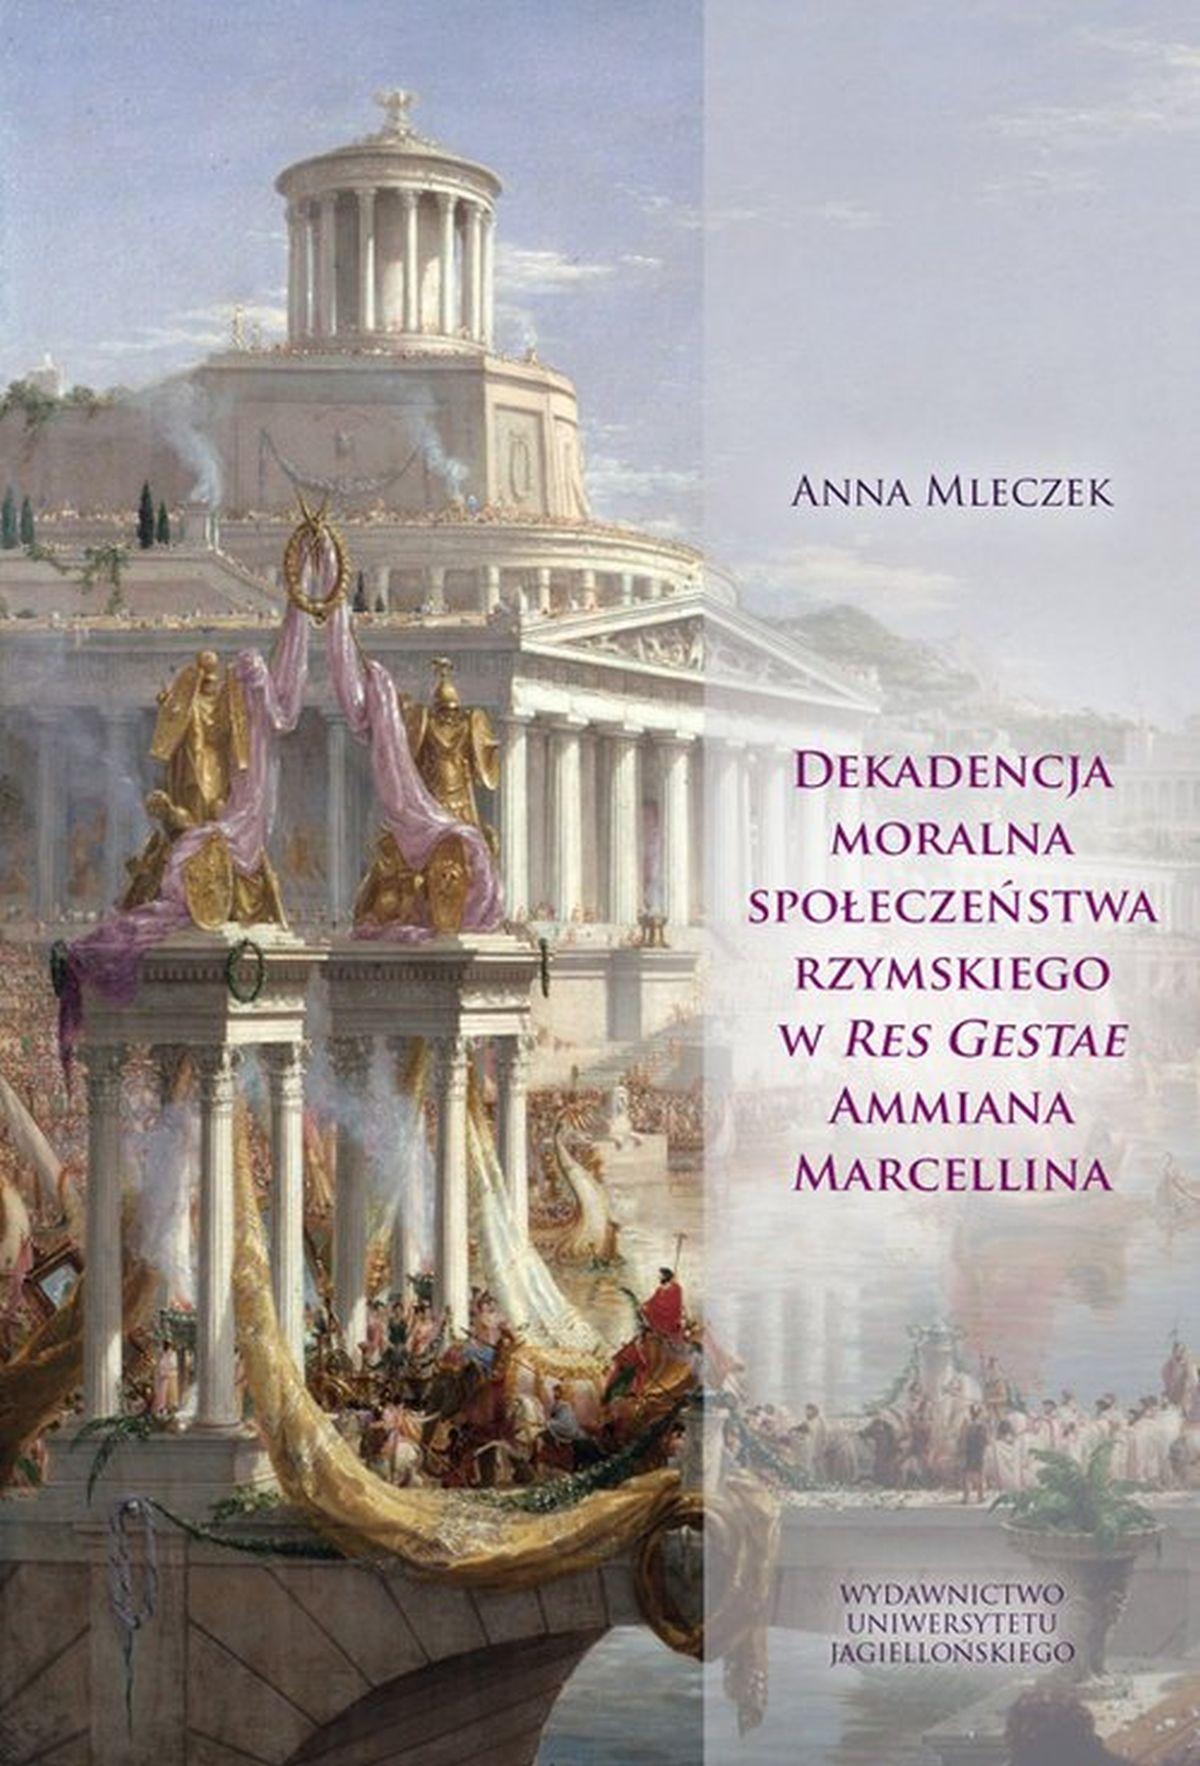 Anna Mleczek, Dekadencja moralna społeczeństwa rzymskiego w Res Gestae Ammiana Marcellina